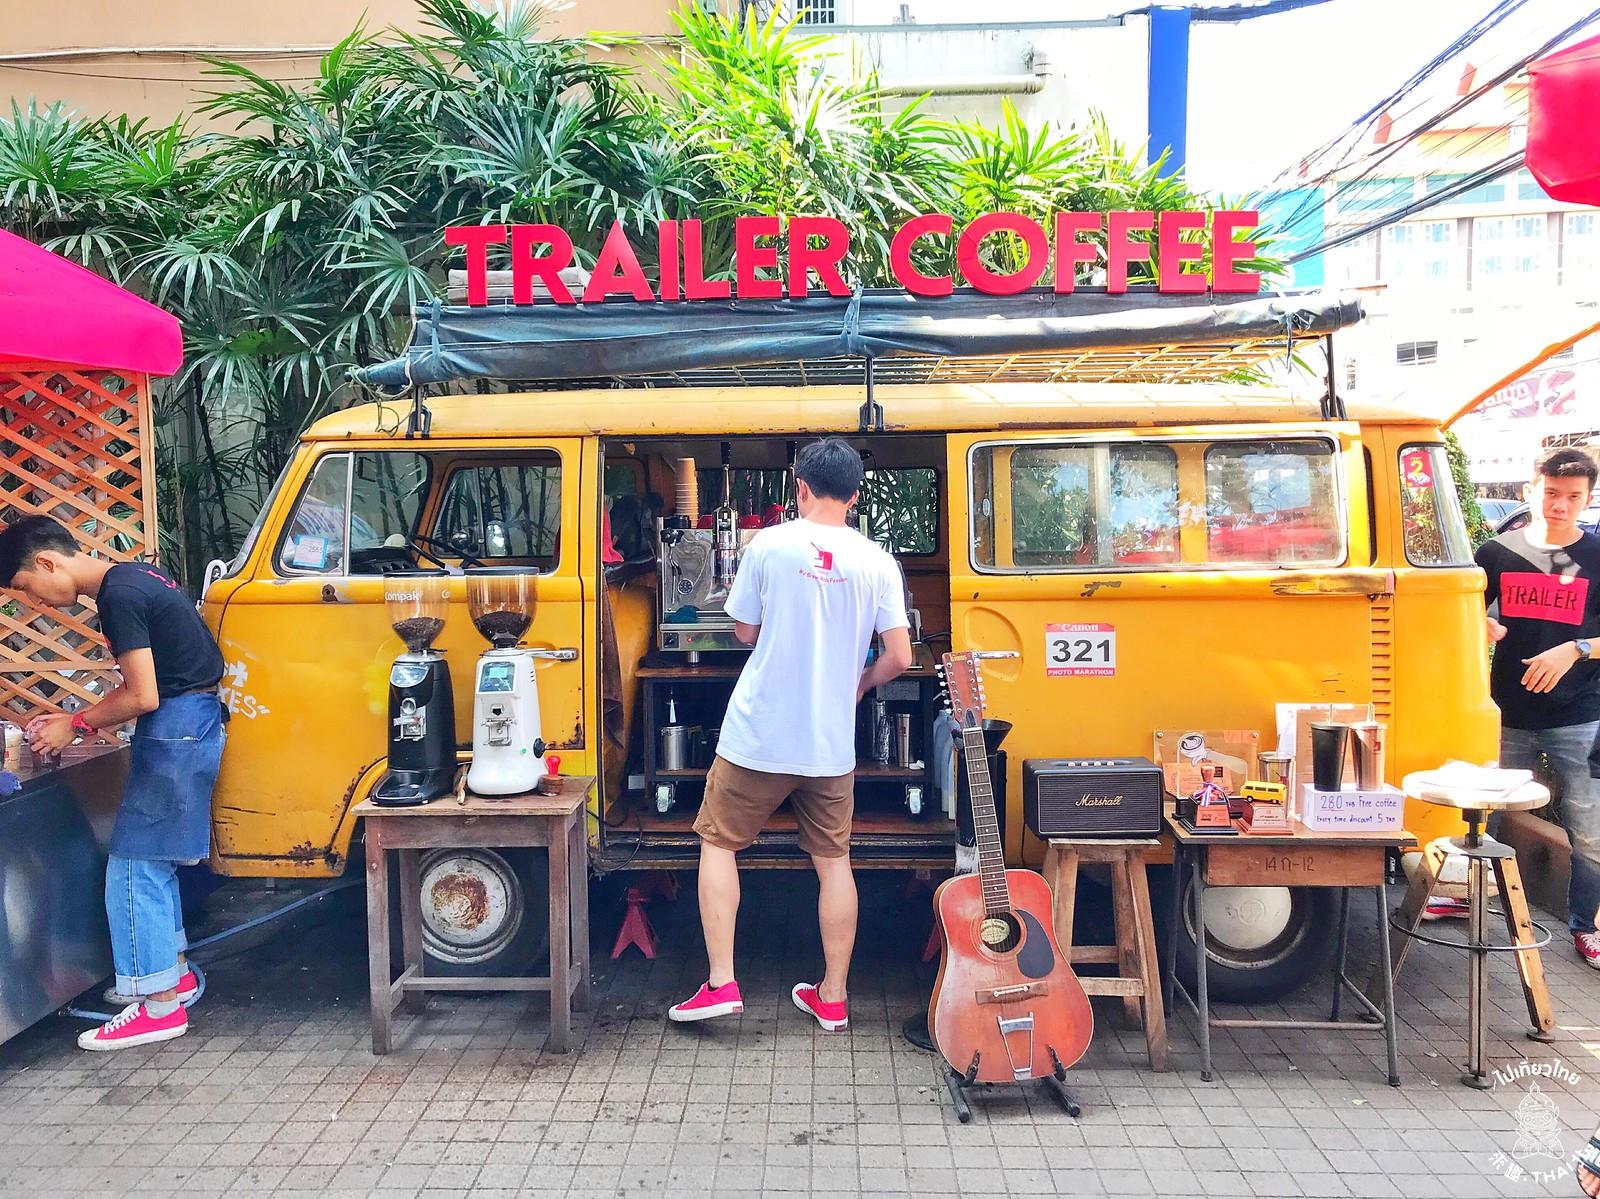 燒光積蓄的夢想文青網紅咖啡店 《Trailer Coffee》